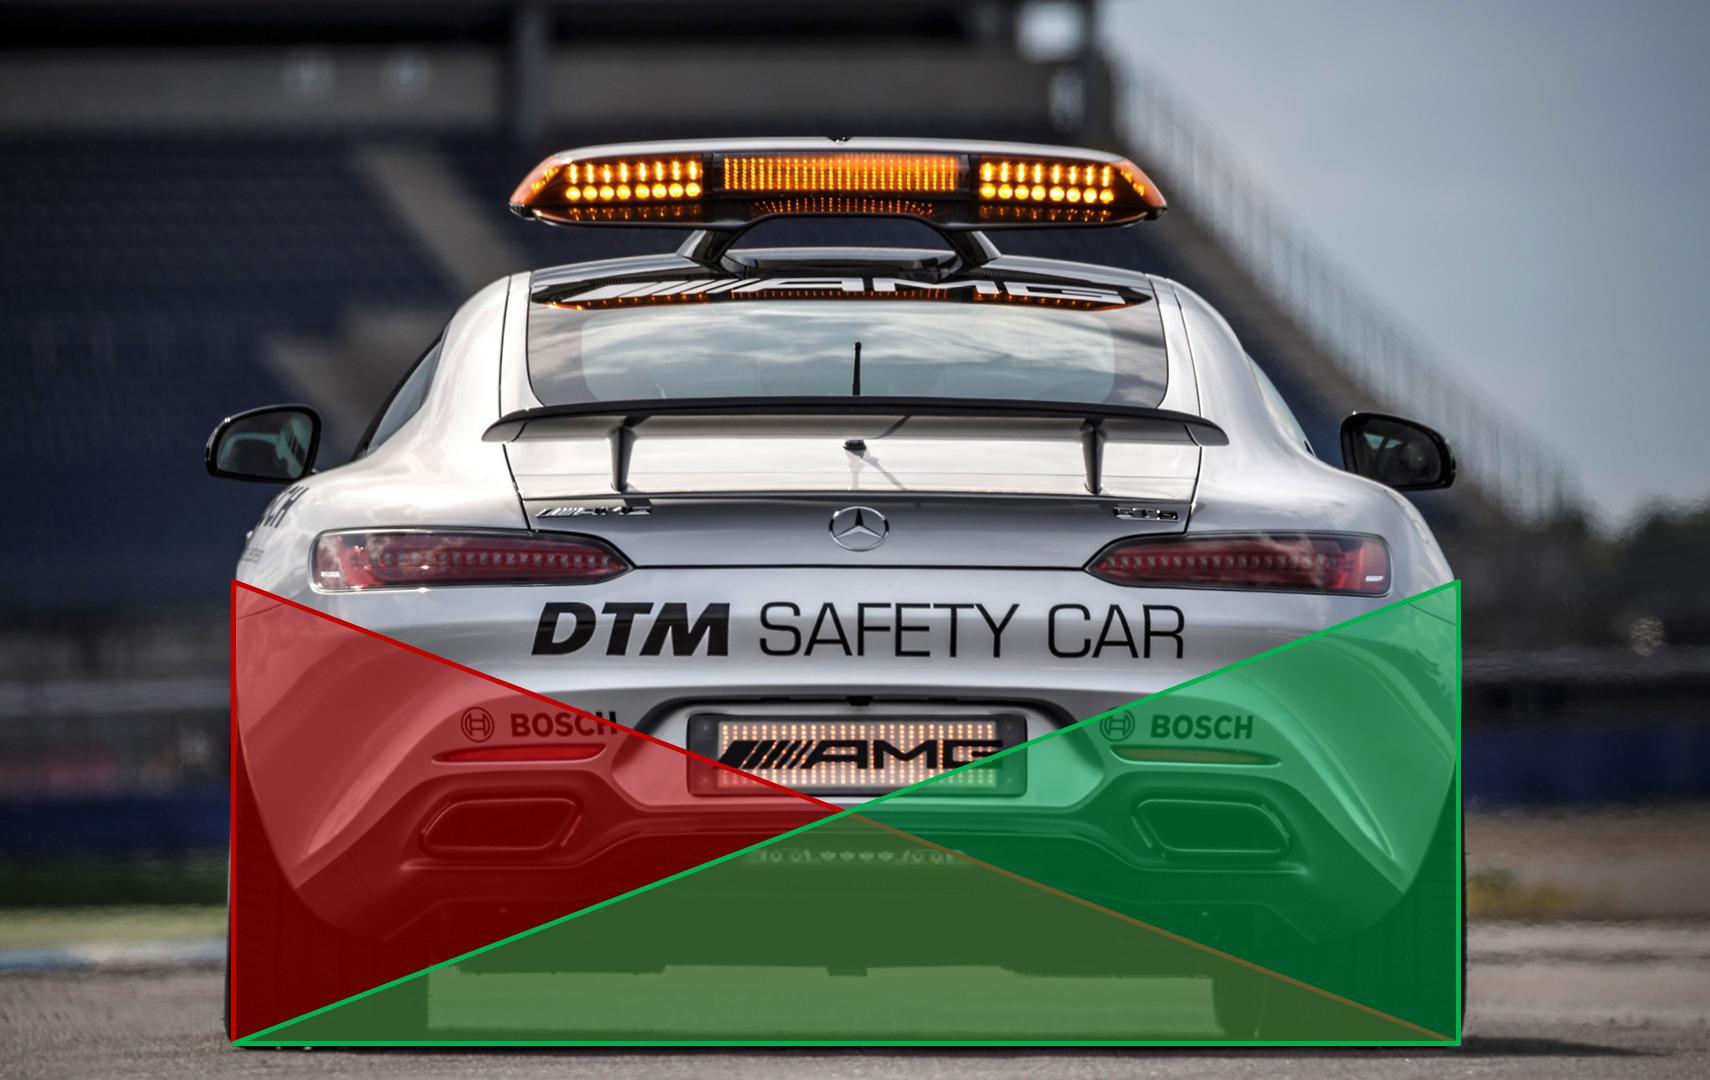 차량의 스티어링 휠을 오른쪽으로 감을 경우(빨간색) 왼쪽으로, 왼쪽으로 감을 경우(초록색) 오른쪽으로 하중이 이동한다. 사진 : Mercedes AMG DTM 홈페이지